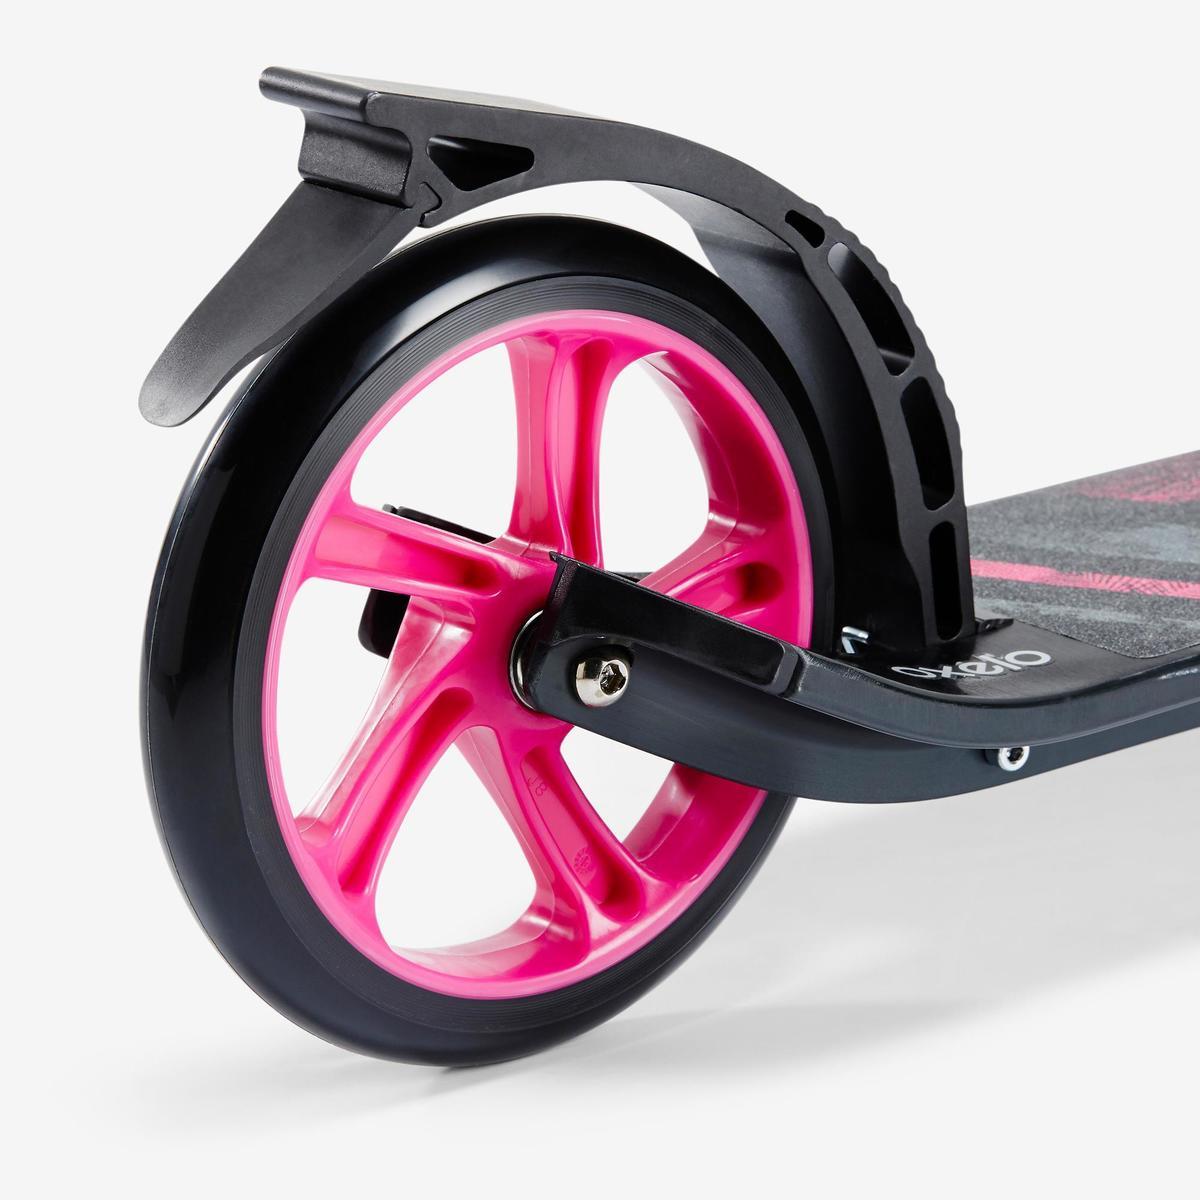 Bild 5 von City-Roller Scooter Mid 7 mit Ständer schwarz/rosa